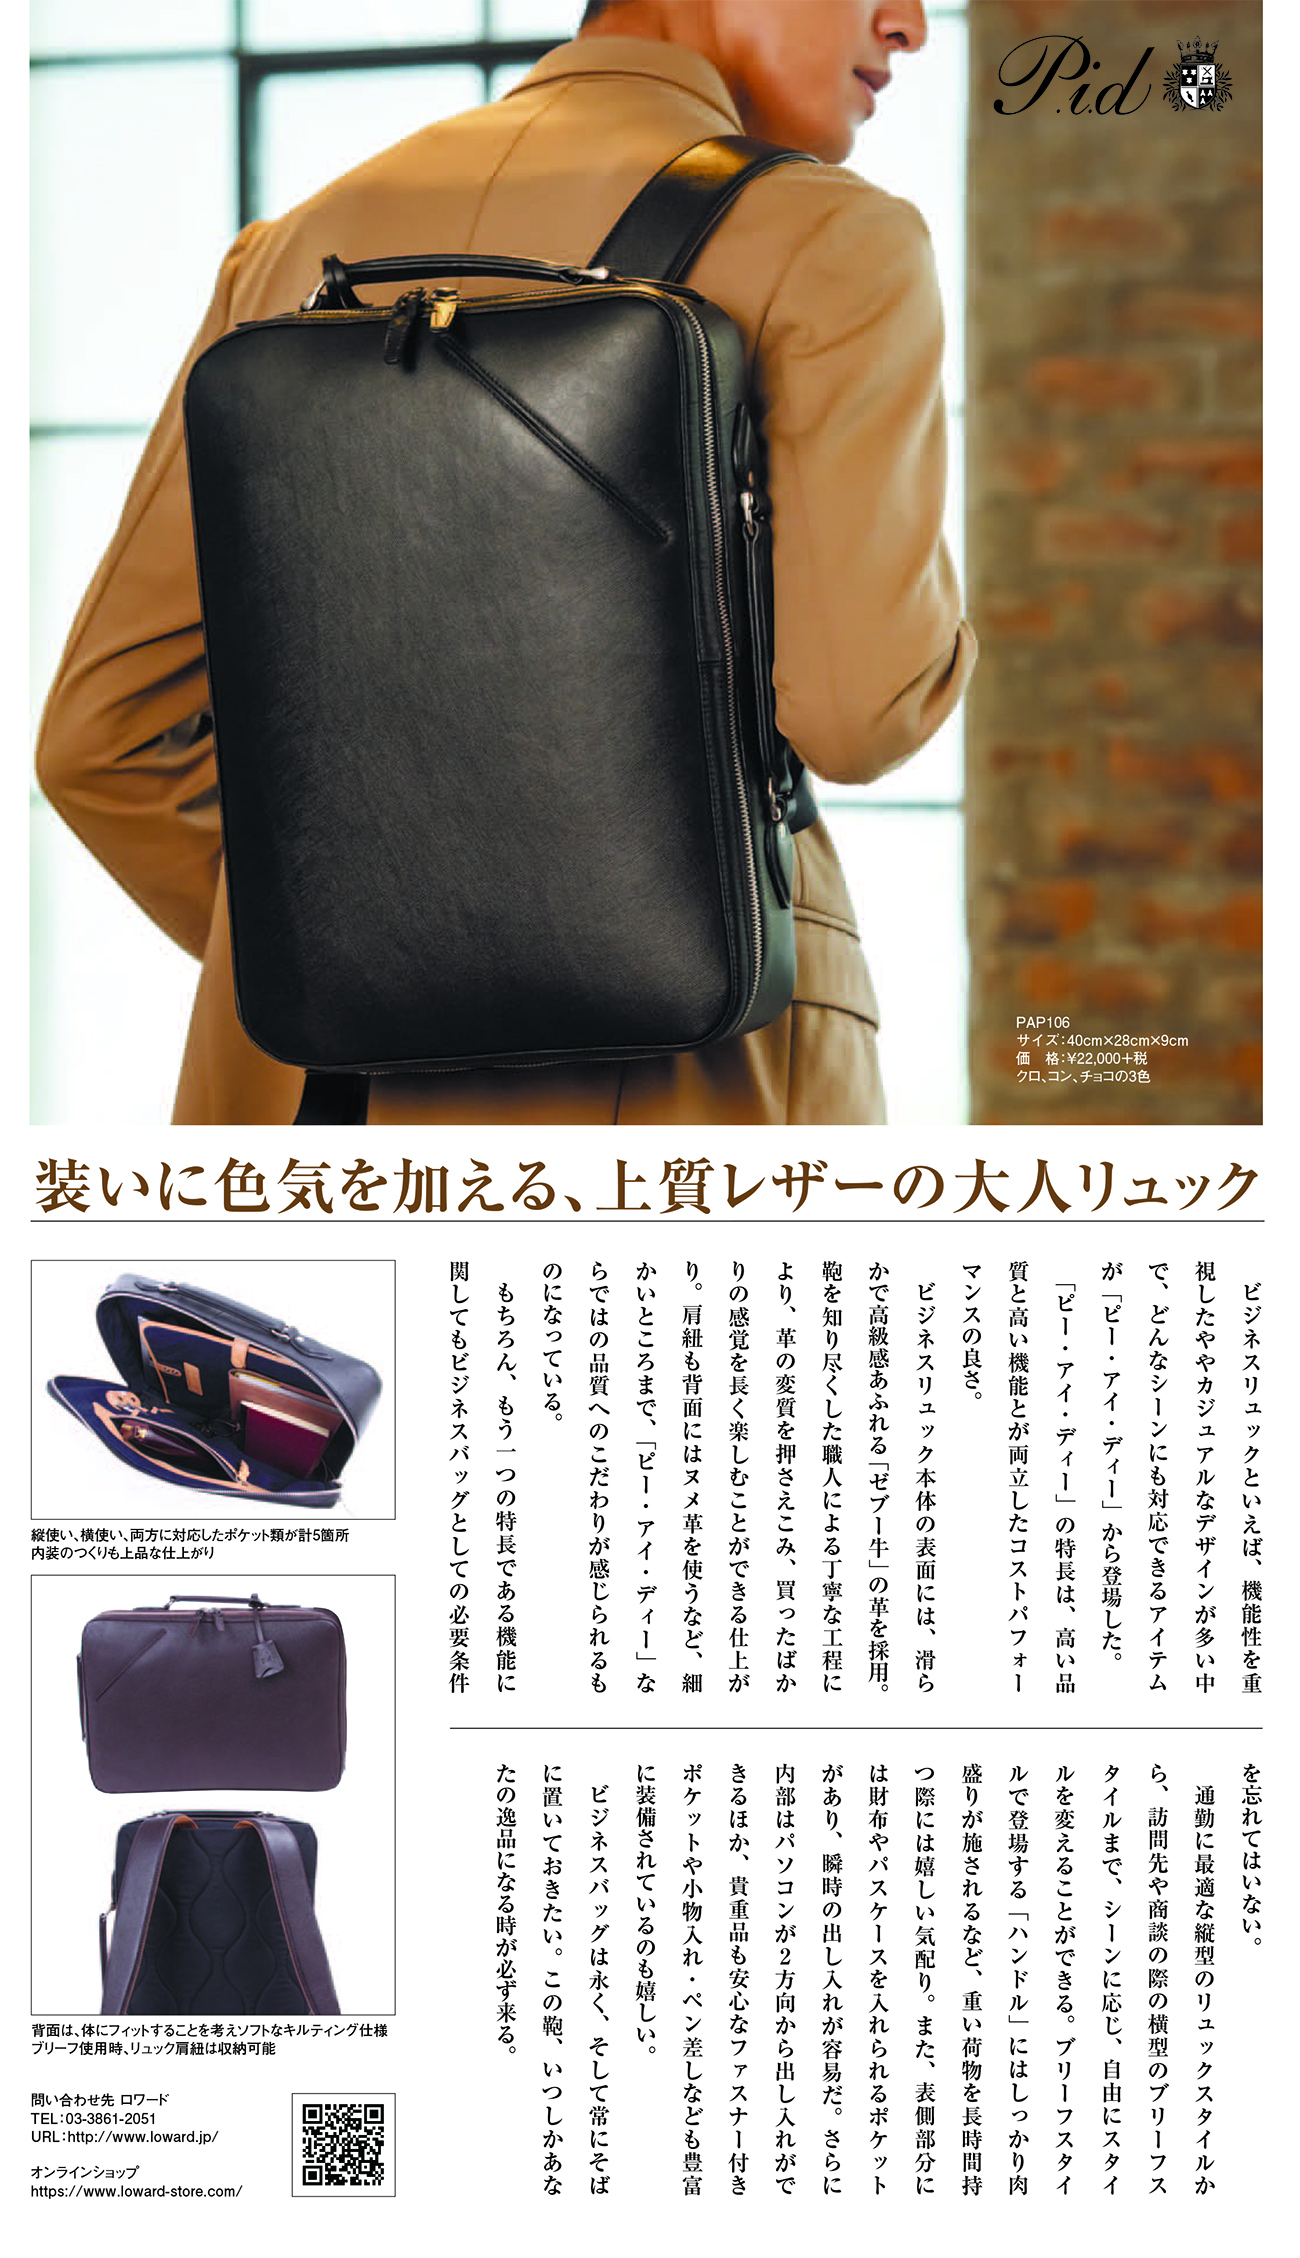 6月7日刊行の日経新聞日曜版にP.I.D Selvaシリーズ PAP106が掲載されました。